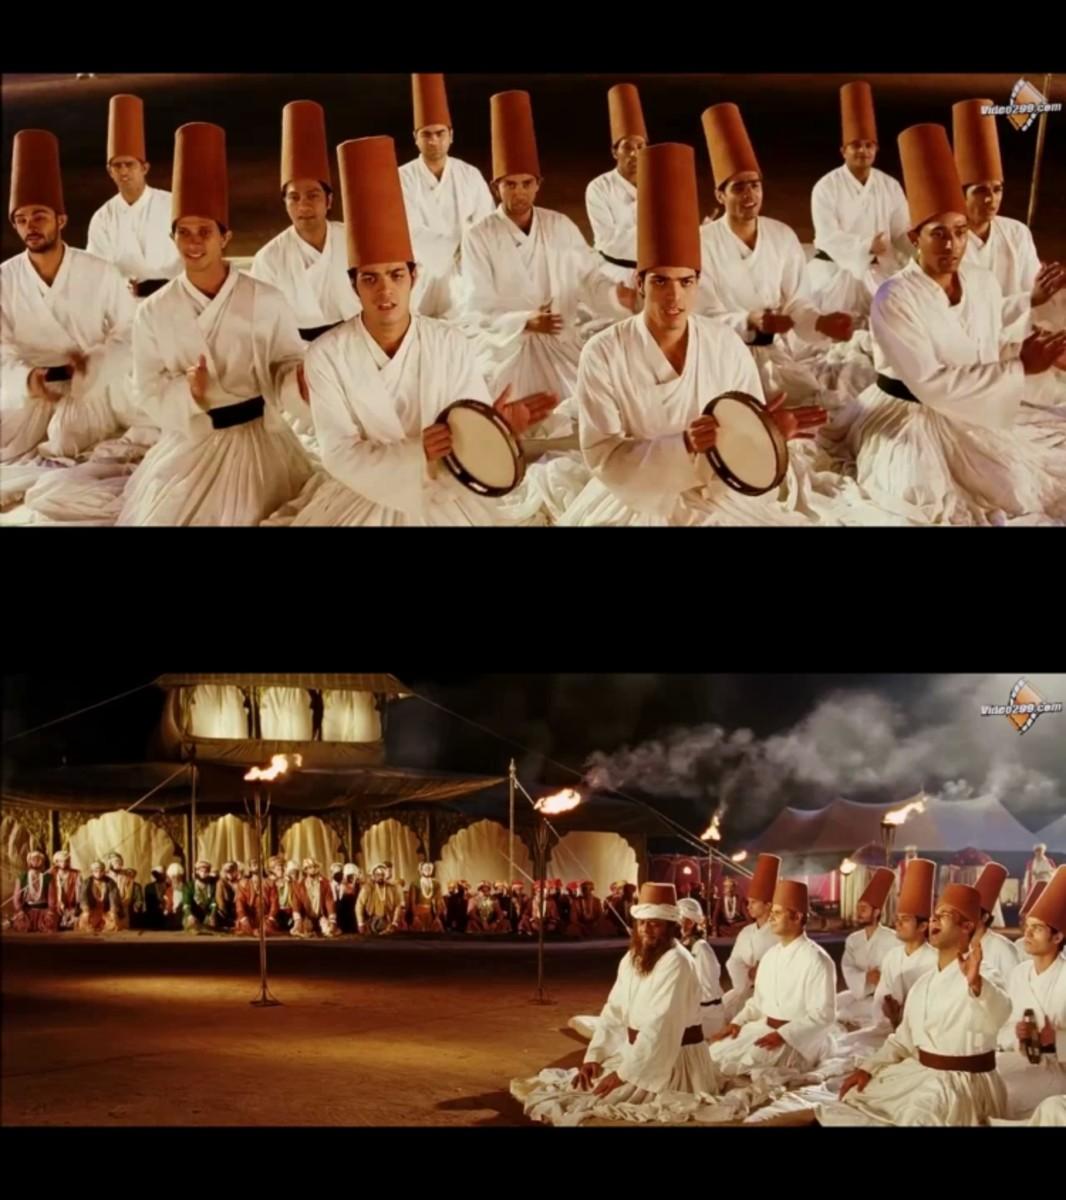 A great qawwali from 'Jodha Akbar'